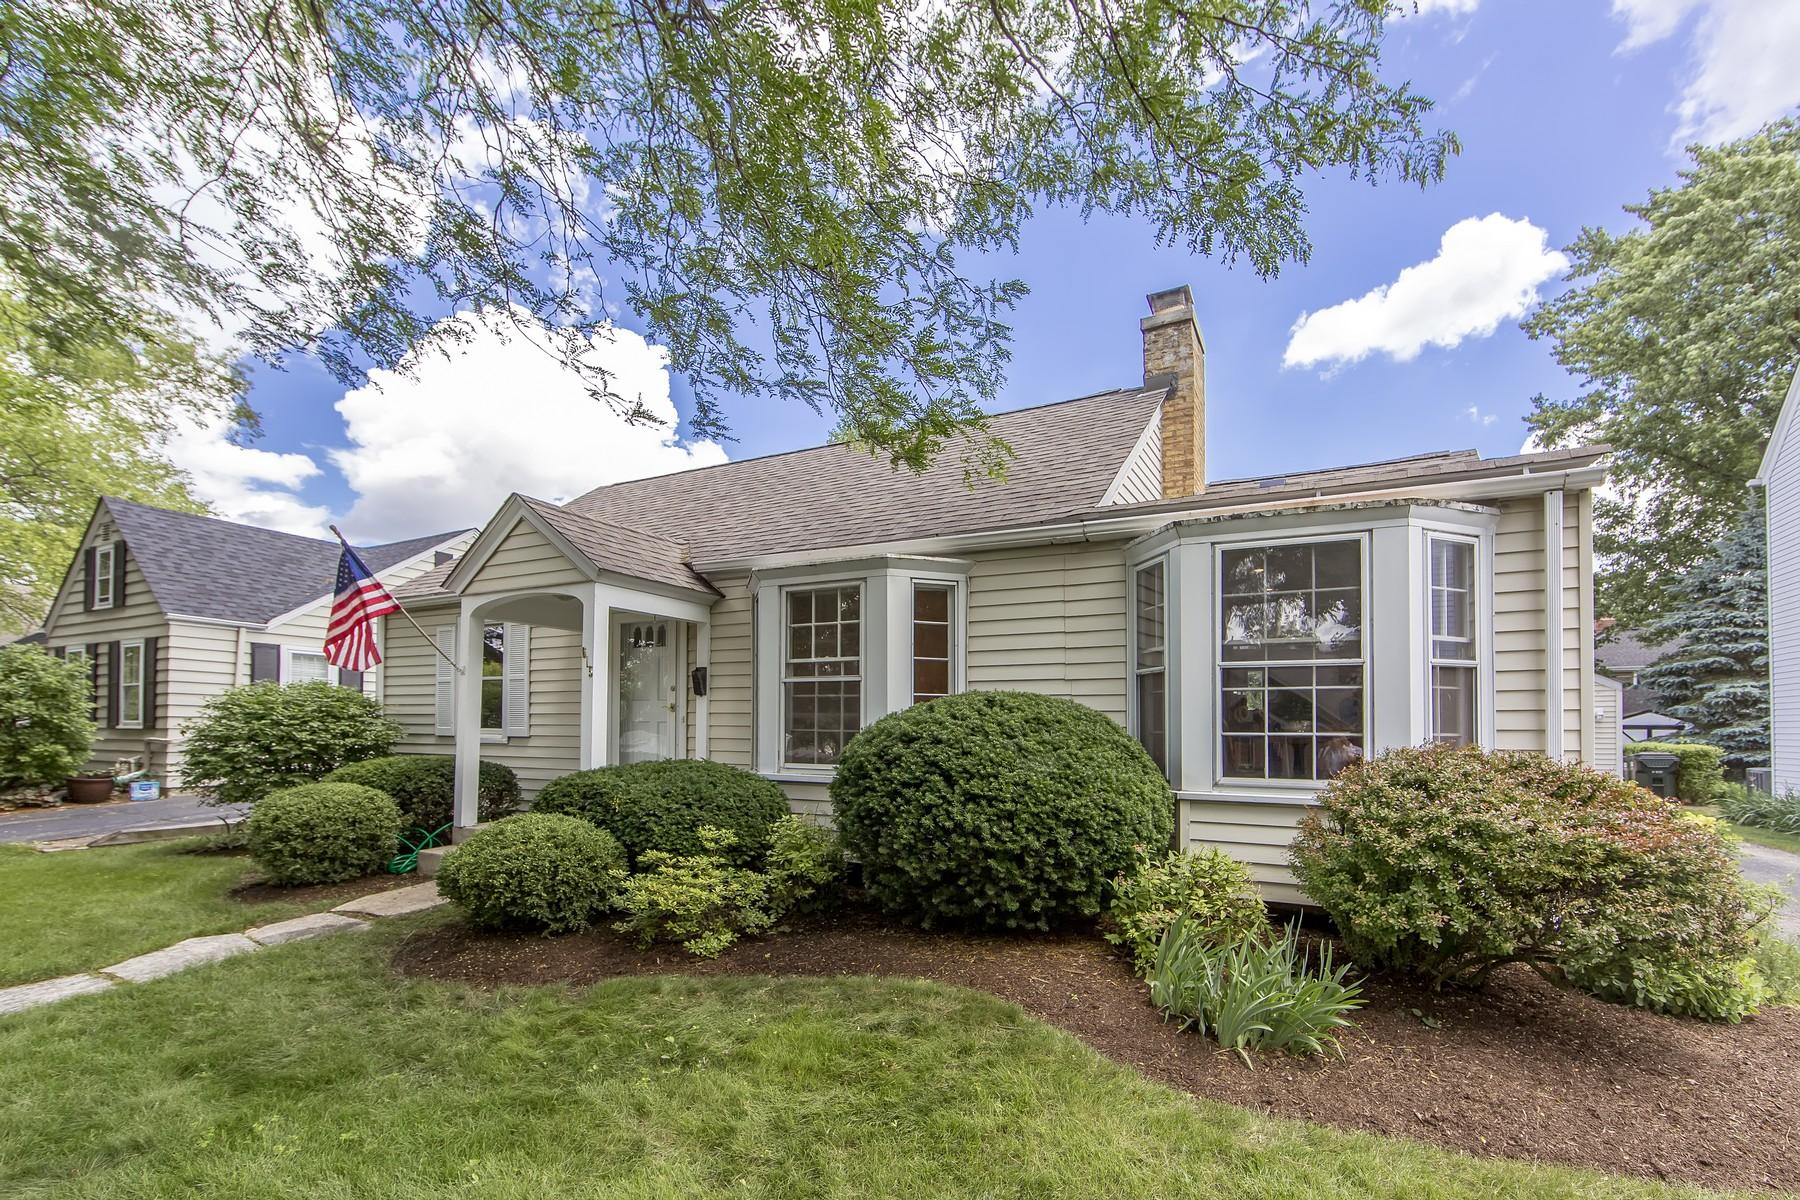 Einfamilienhaus für Verkauf beim One Story Cape Cod 615 Division Street Barrington, Illinois, 60010 Vereinigte Staaten